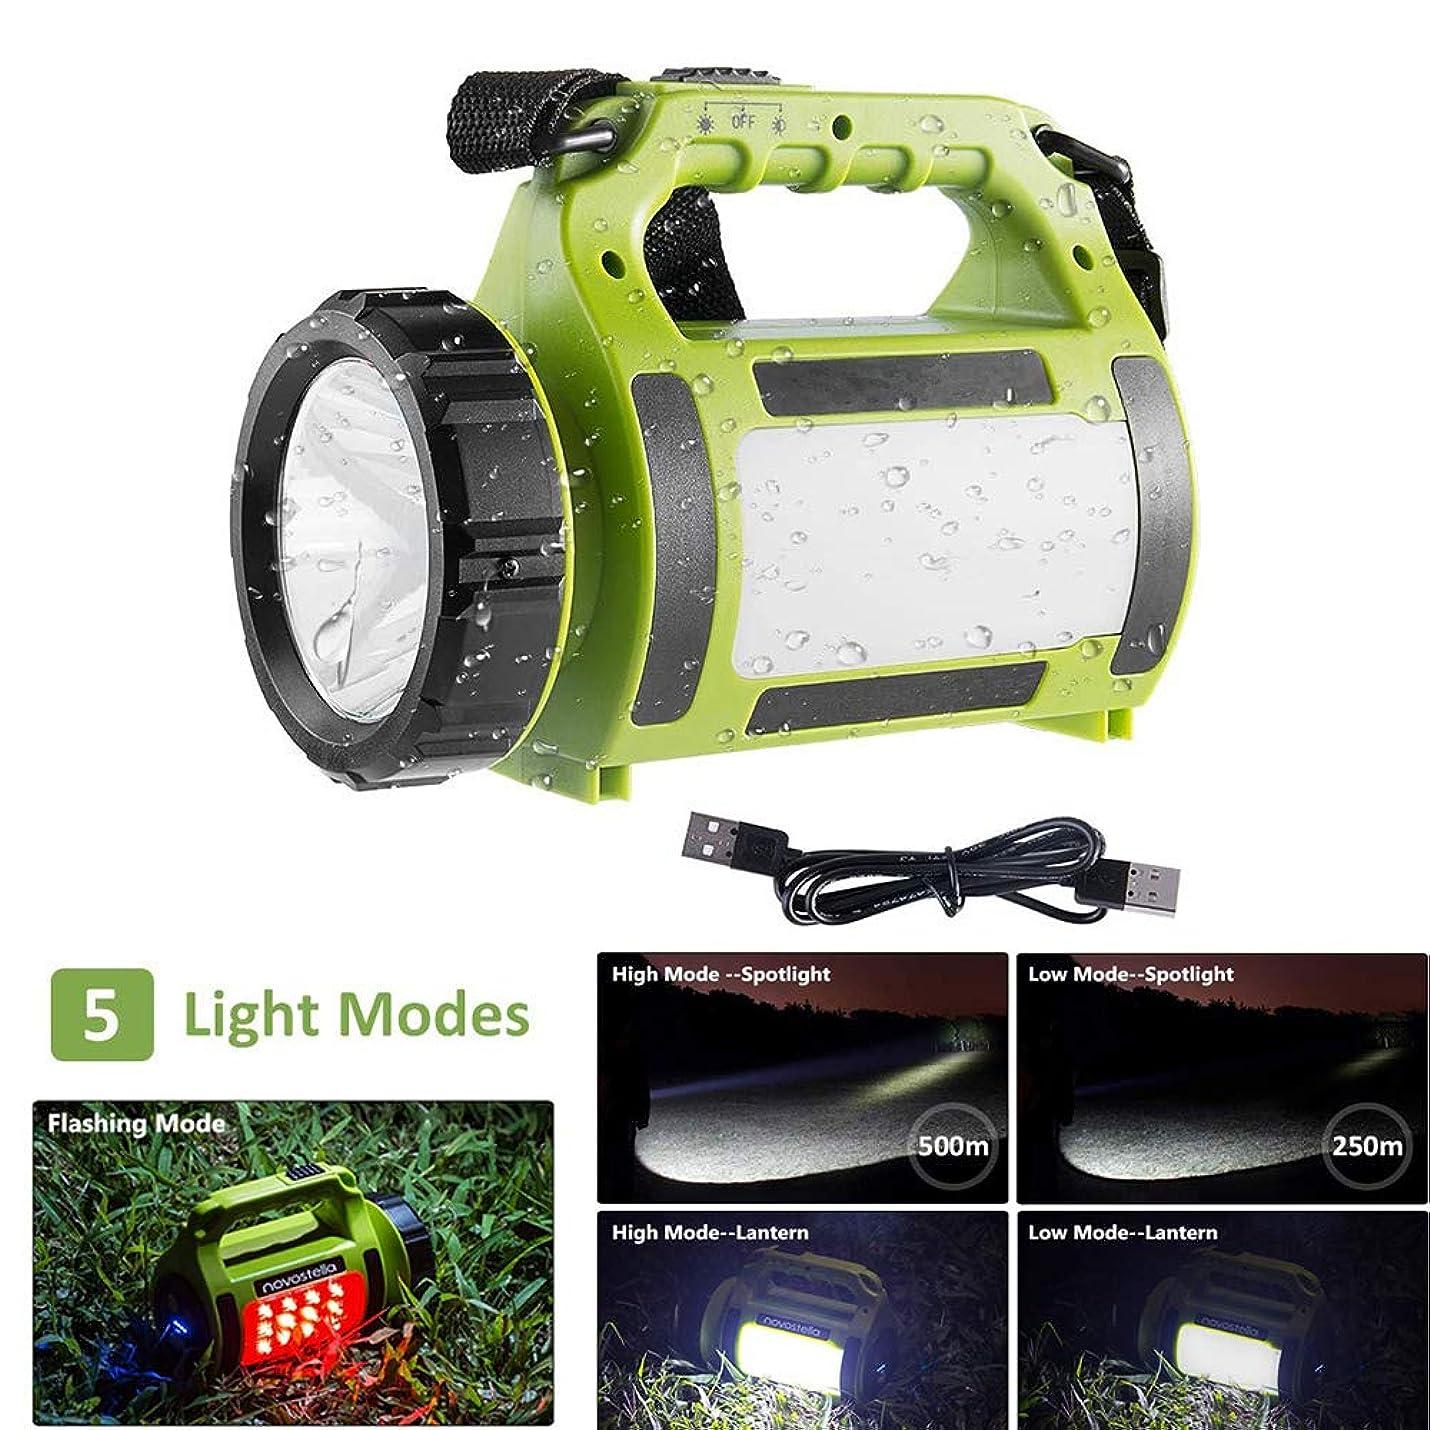 長いです不当スキルポータブル充電式LEDトーチ、多機能キャンプライト、LEDサーチライト防水スポットライト、非常ランプ軽量のランタン650lm、アウトドア用ハイキング